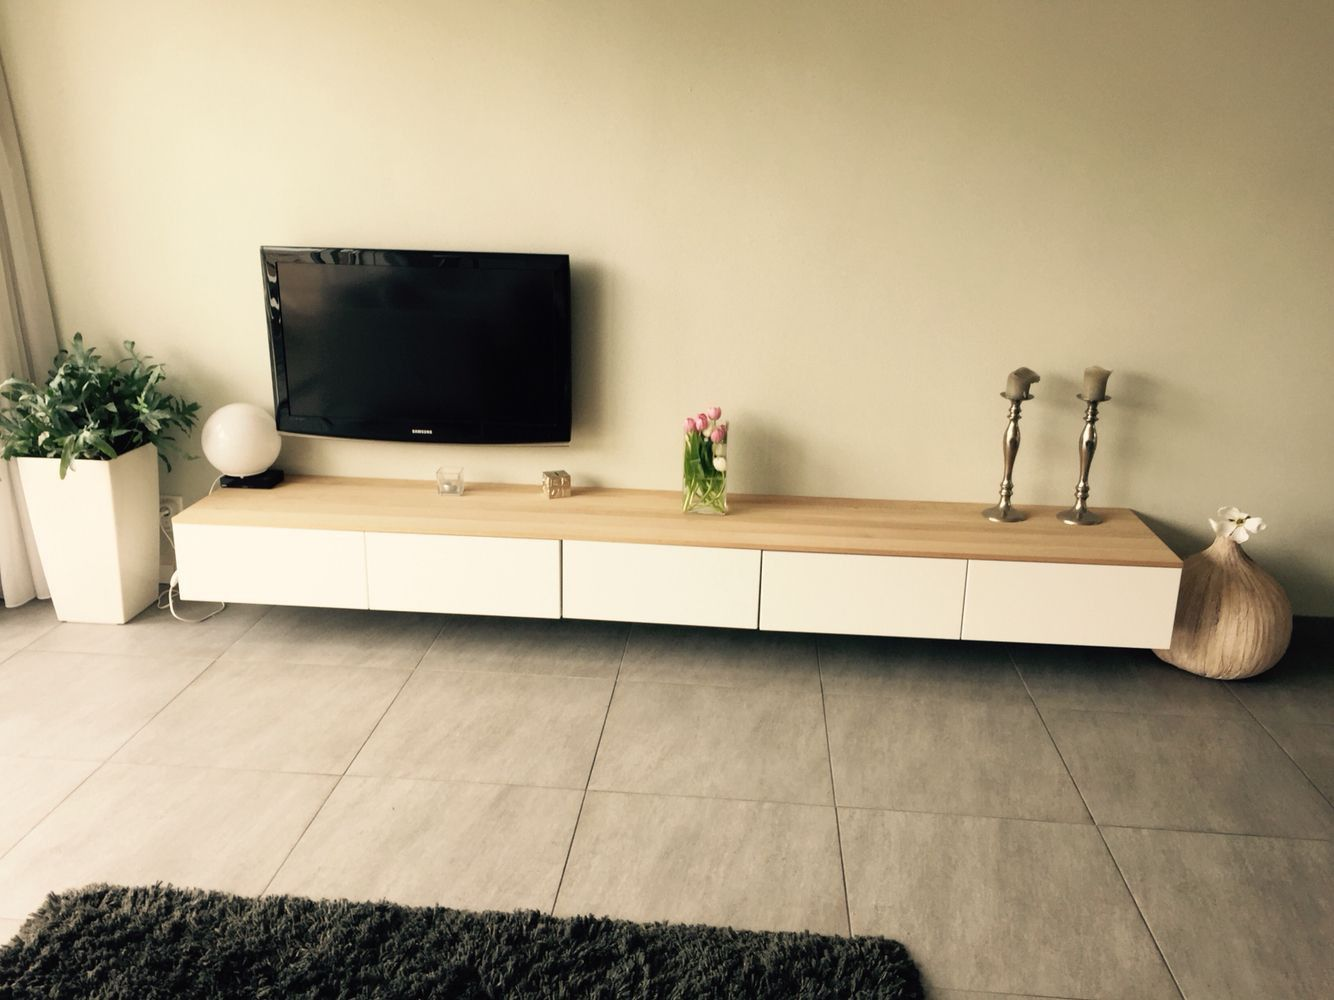 Bed Tv Meubel : Zwevend bed eiken elegant tv meubel ikea met eiken houten plank